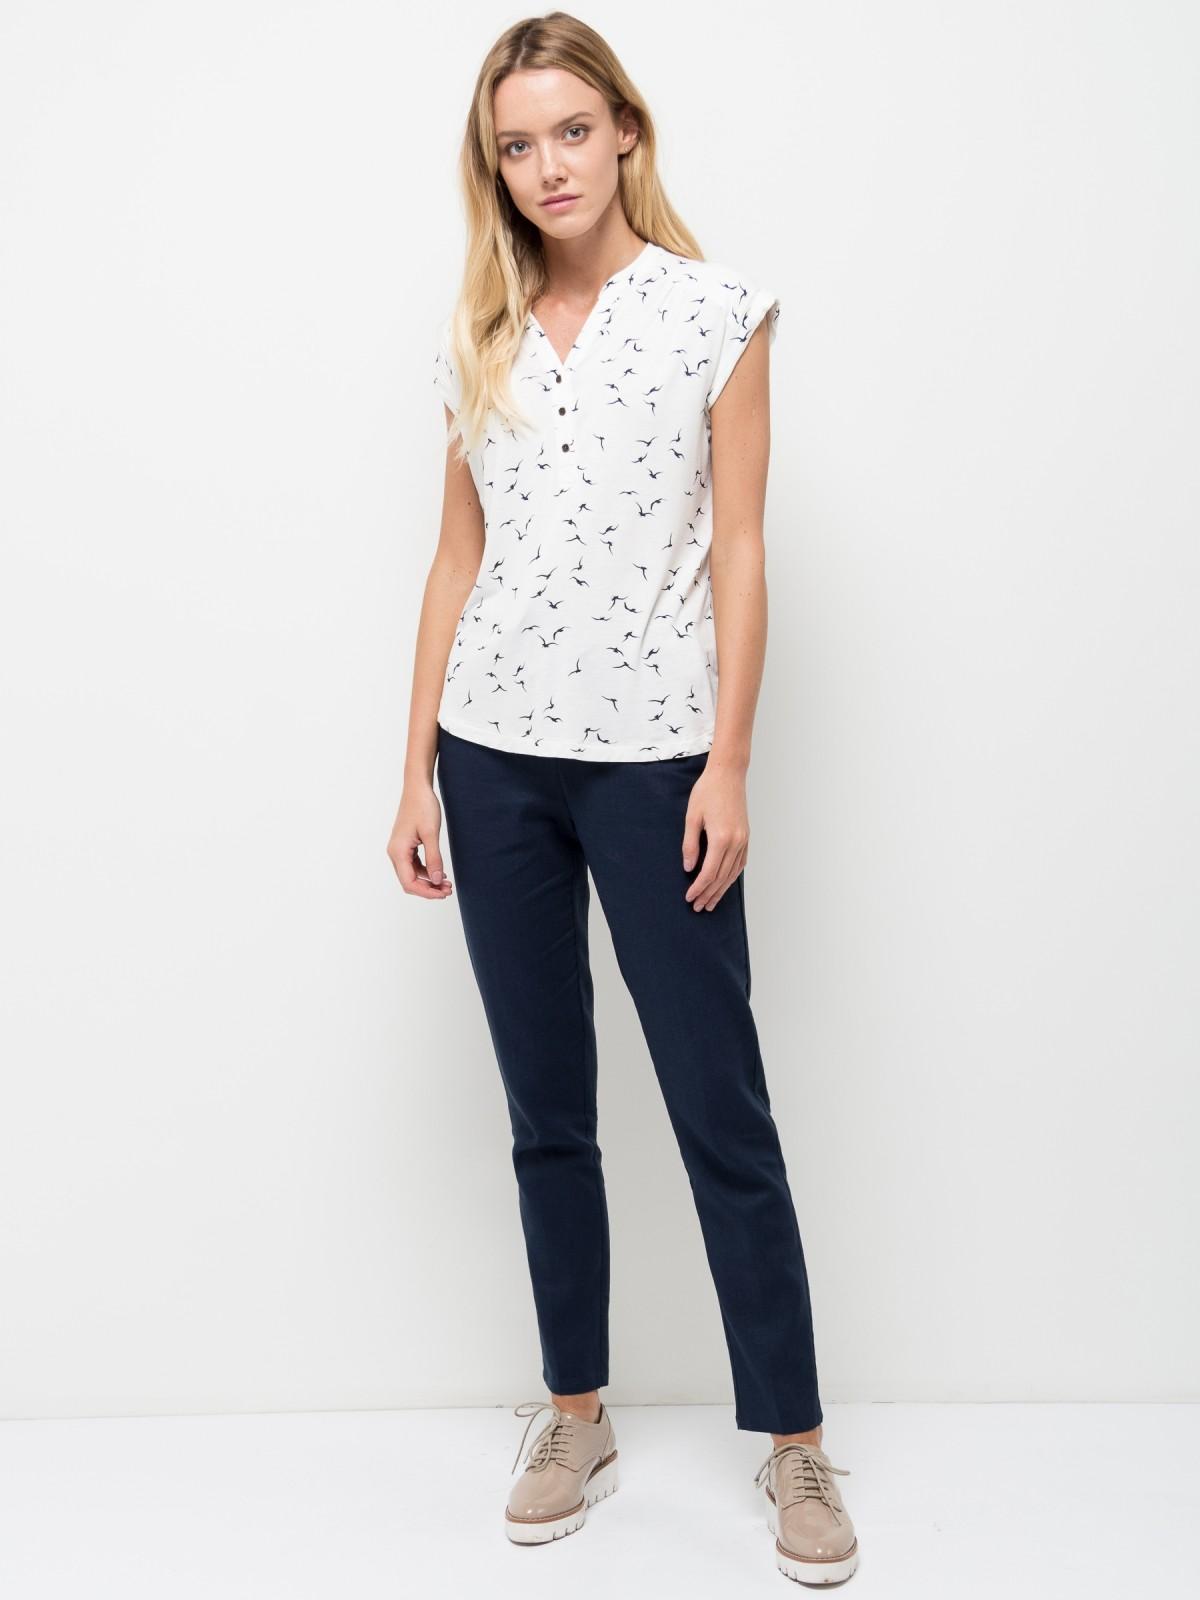 ФутболкаTsBK-111/222-7254Оригинальная женская футболка Sela выполнена из легкого материала и оформлена принтом с птицами. Модель прямого кроя с цельнокроеными рукавами подойдет для прогулок и дружеских встреч, будет отлично сочетаться с джинсами и брюками, а также гармонично смотреться с юбками. Фигурный V-образный вырез горловины застегивается на три пуговицы. Мягкая ткань на основе вискозы и эластана комфортна и приятна на ощупь.